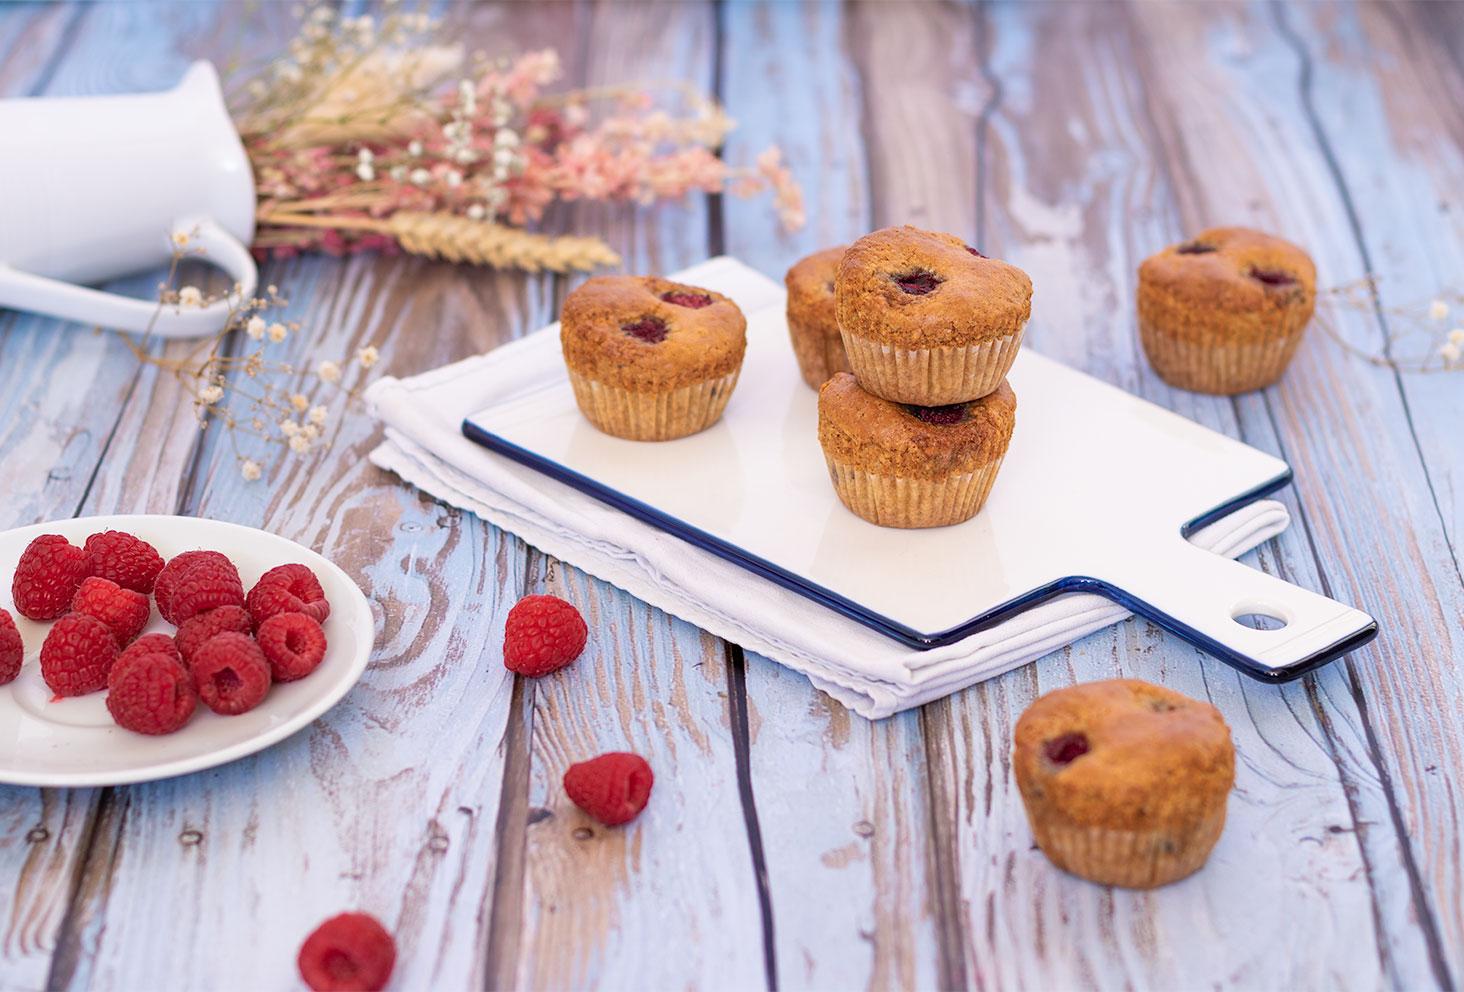 Recette de muffins aux framboises et à la noisette, sur une planche en verre, au milieu de fleurs séchées et de framboises fraîches